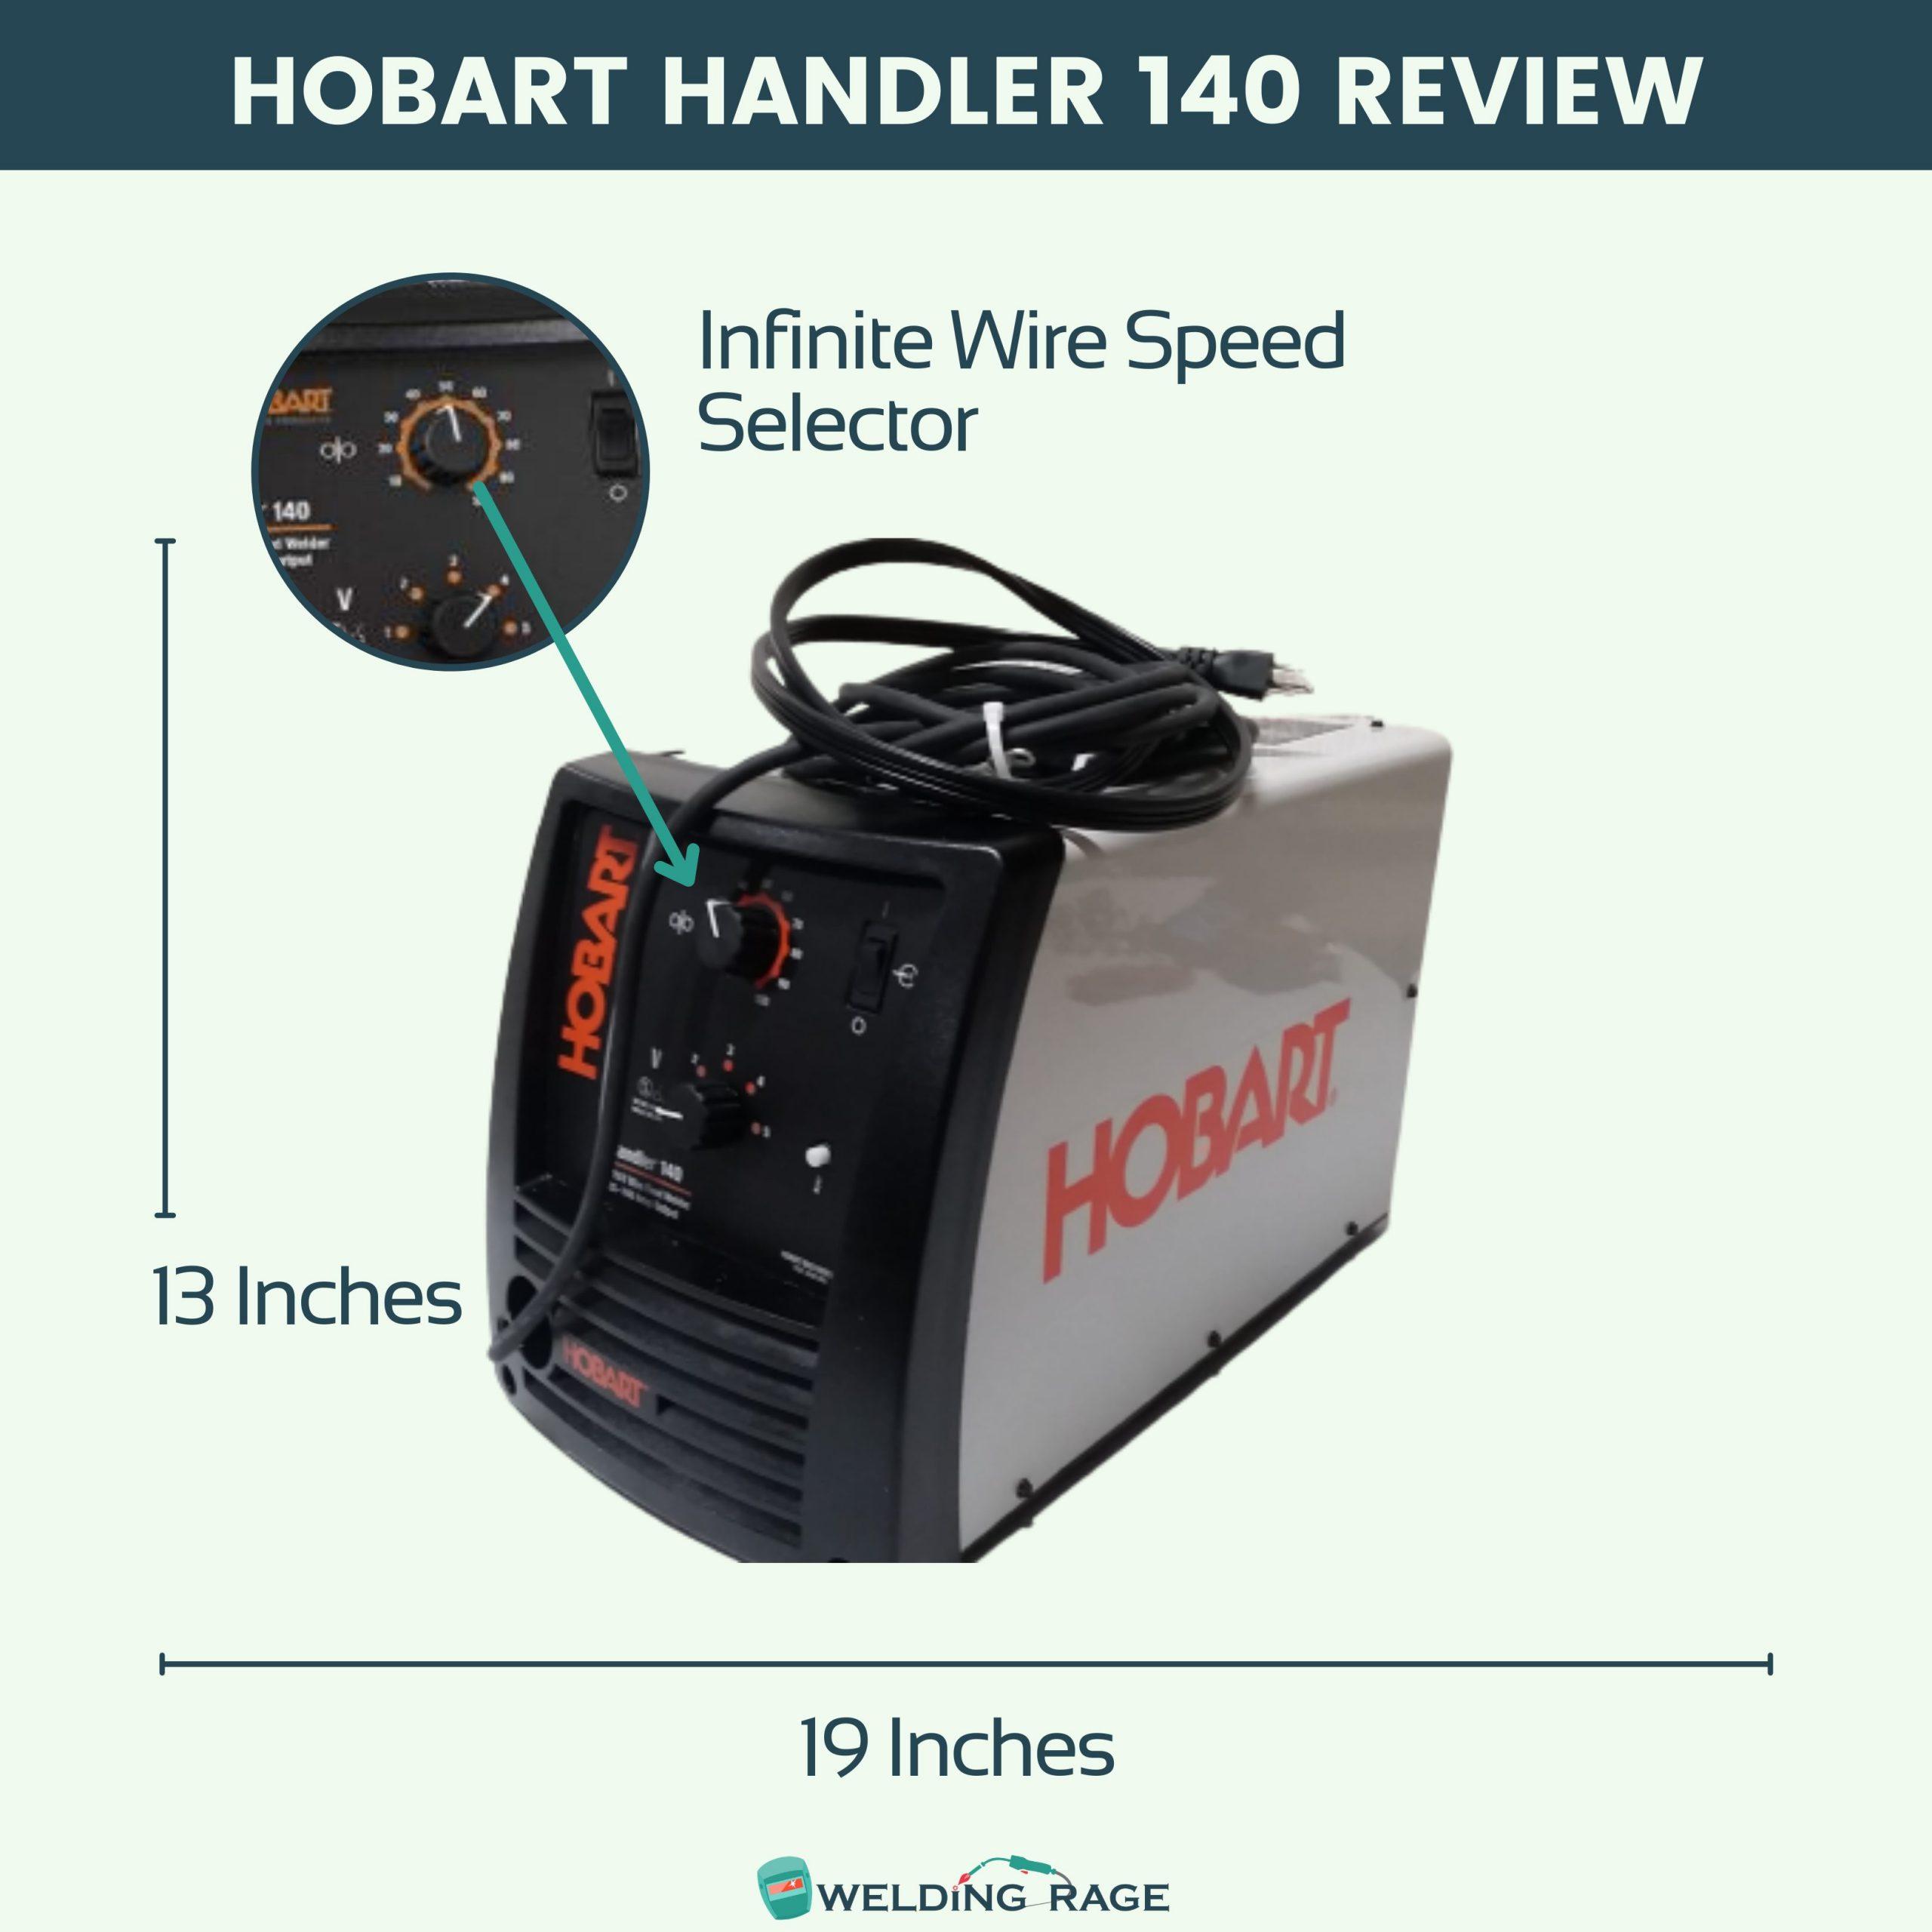 Hobart Handler 140 Review Features